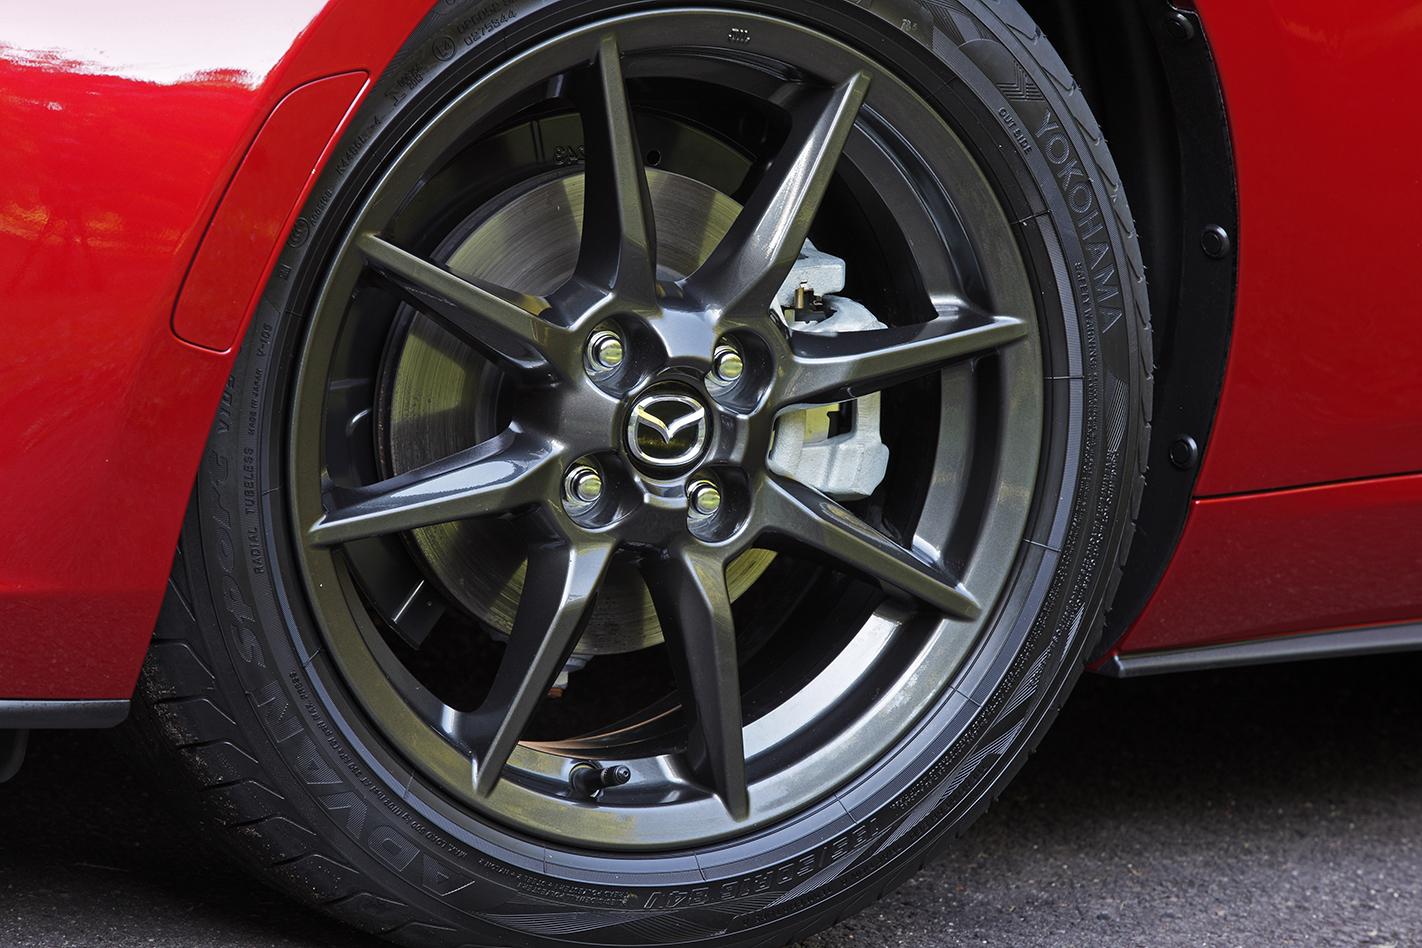 Mazda MX-5 1.5 review